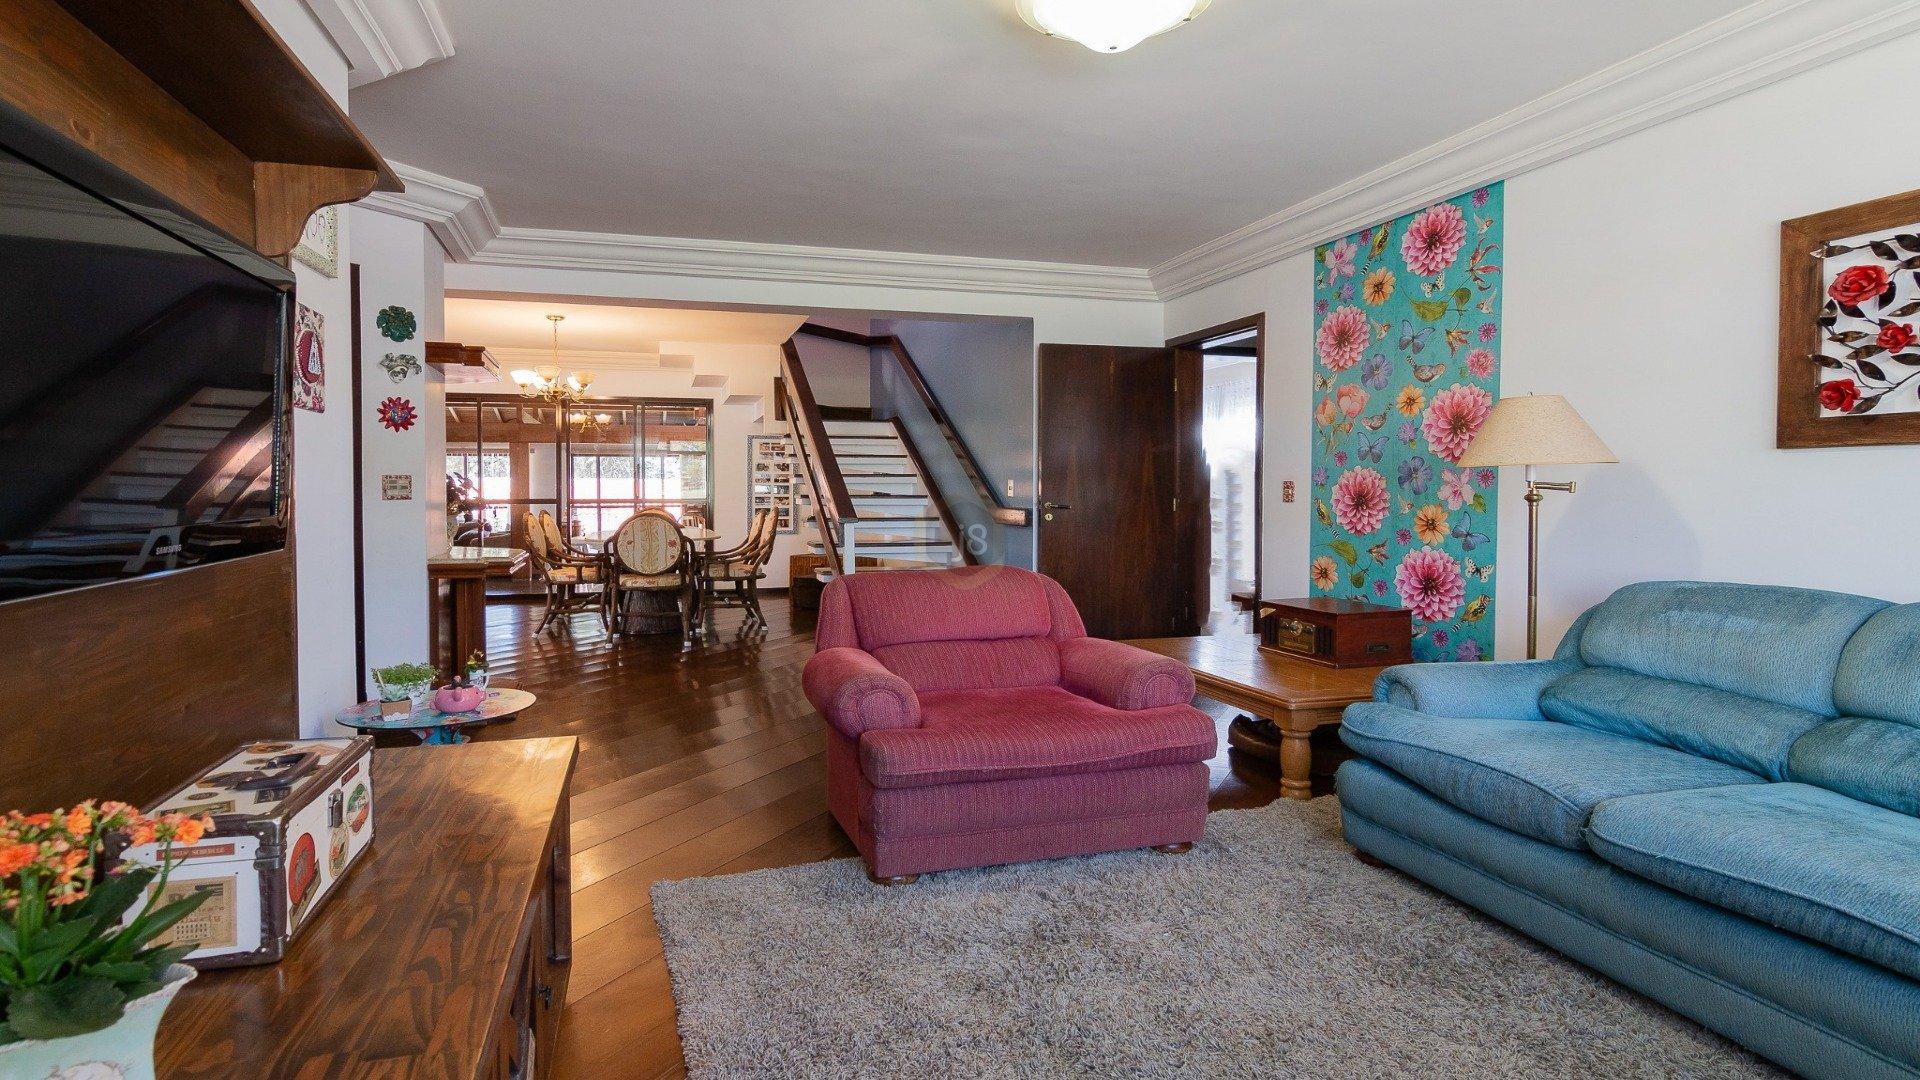 Foto de destaque Casa em condomíno com ótimo quintal